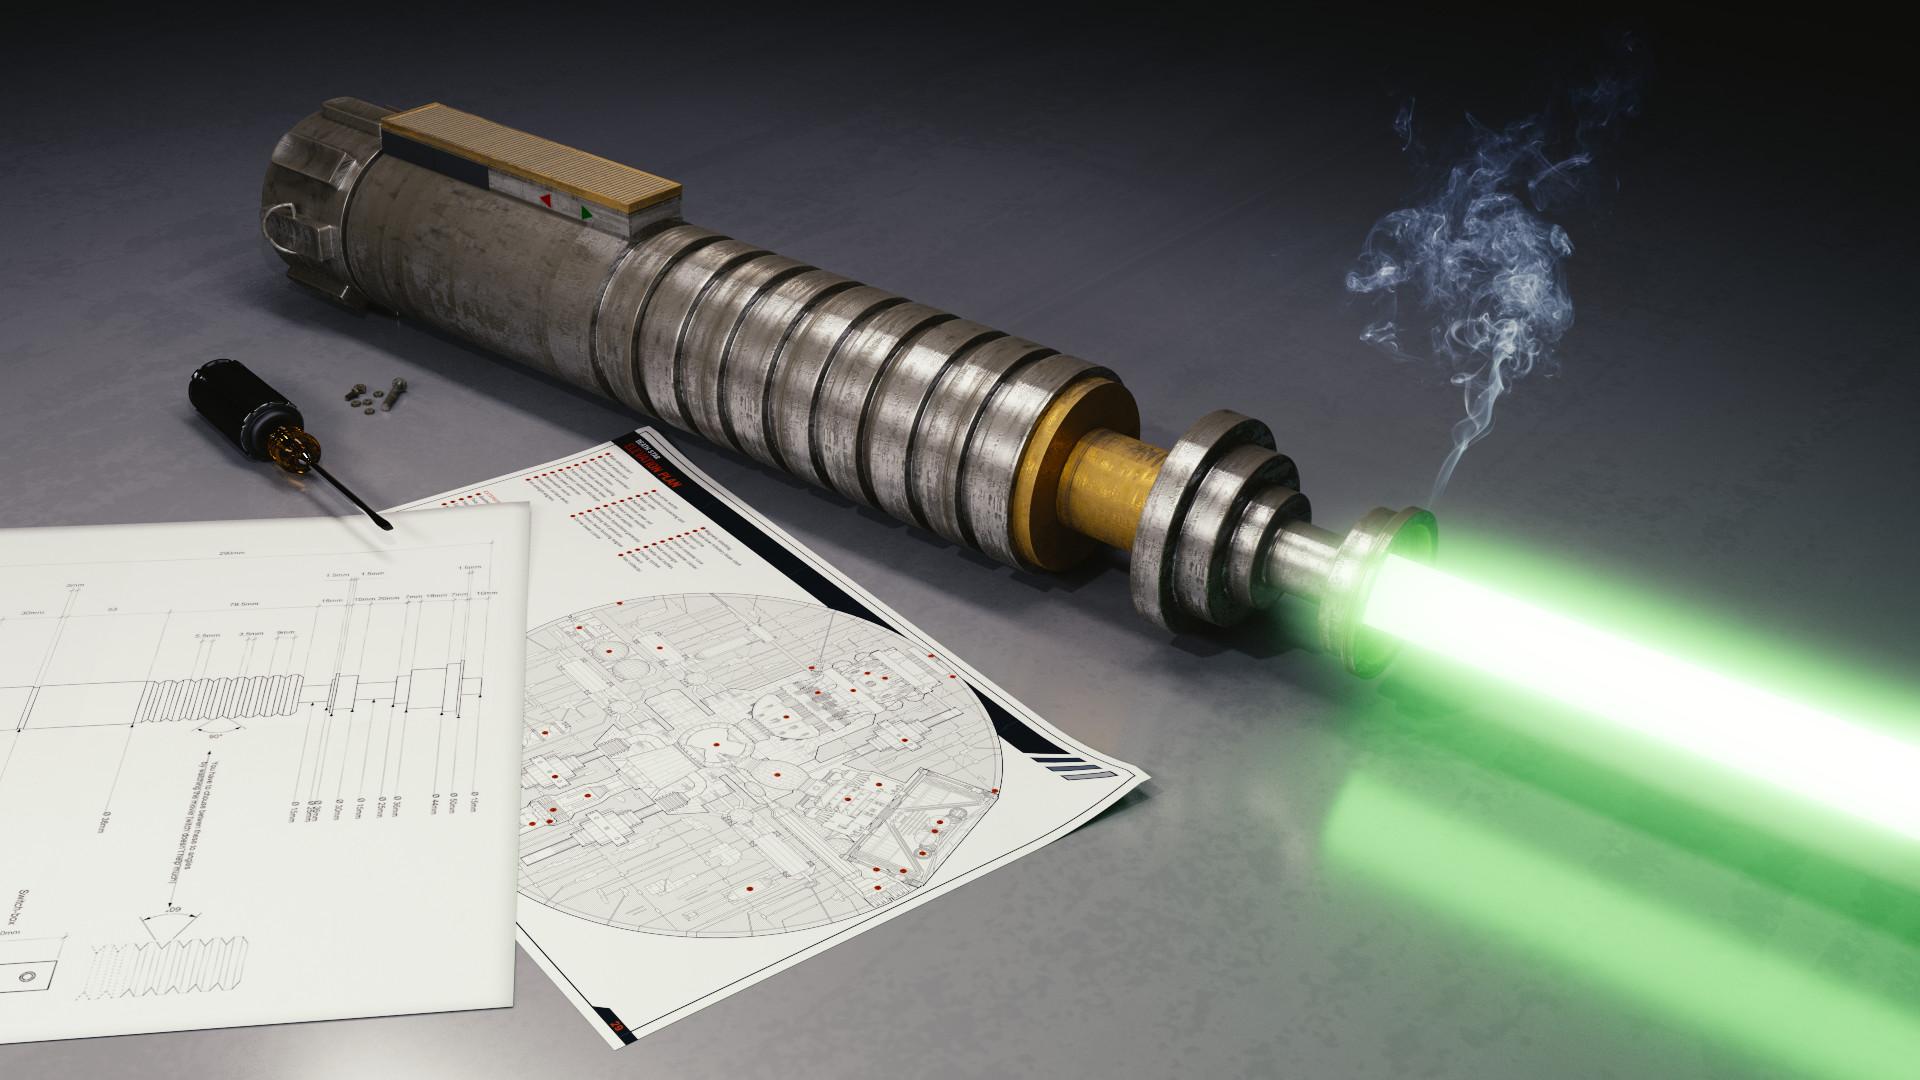 Download HD Lightsaber, Blender, Star Wars Wallpapers